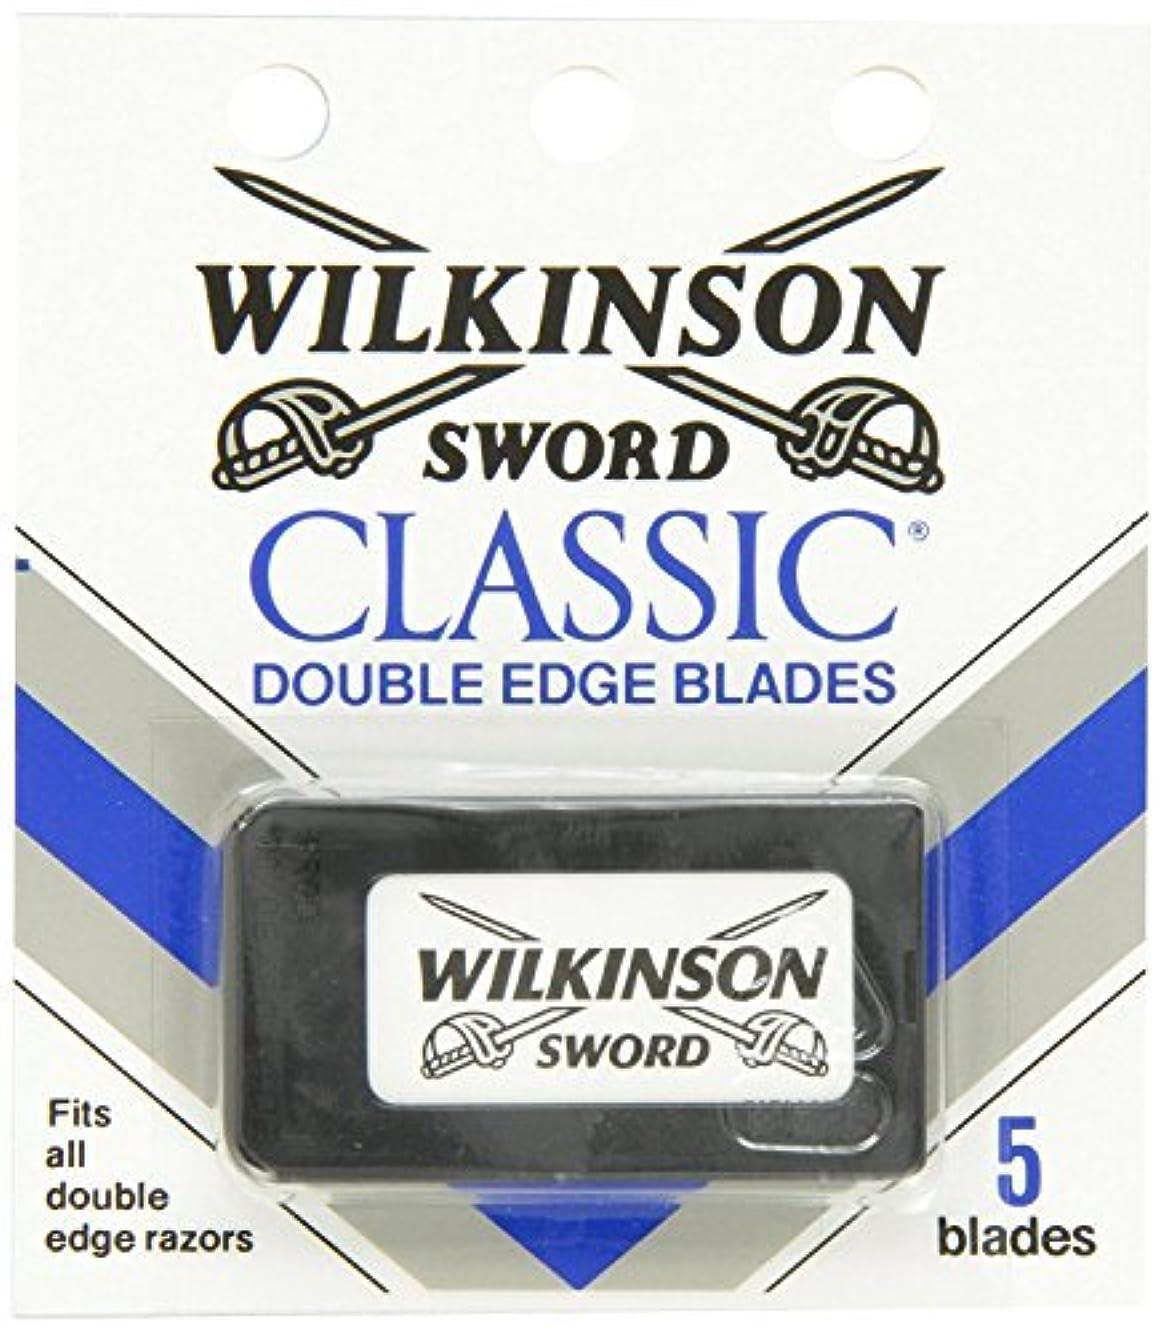 モール科学者耳ウィルキンソン ソード (Wilkinson Sword) ドイツ製 両刃替刃 5枚 [並行輸入品]